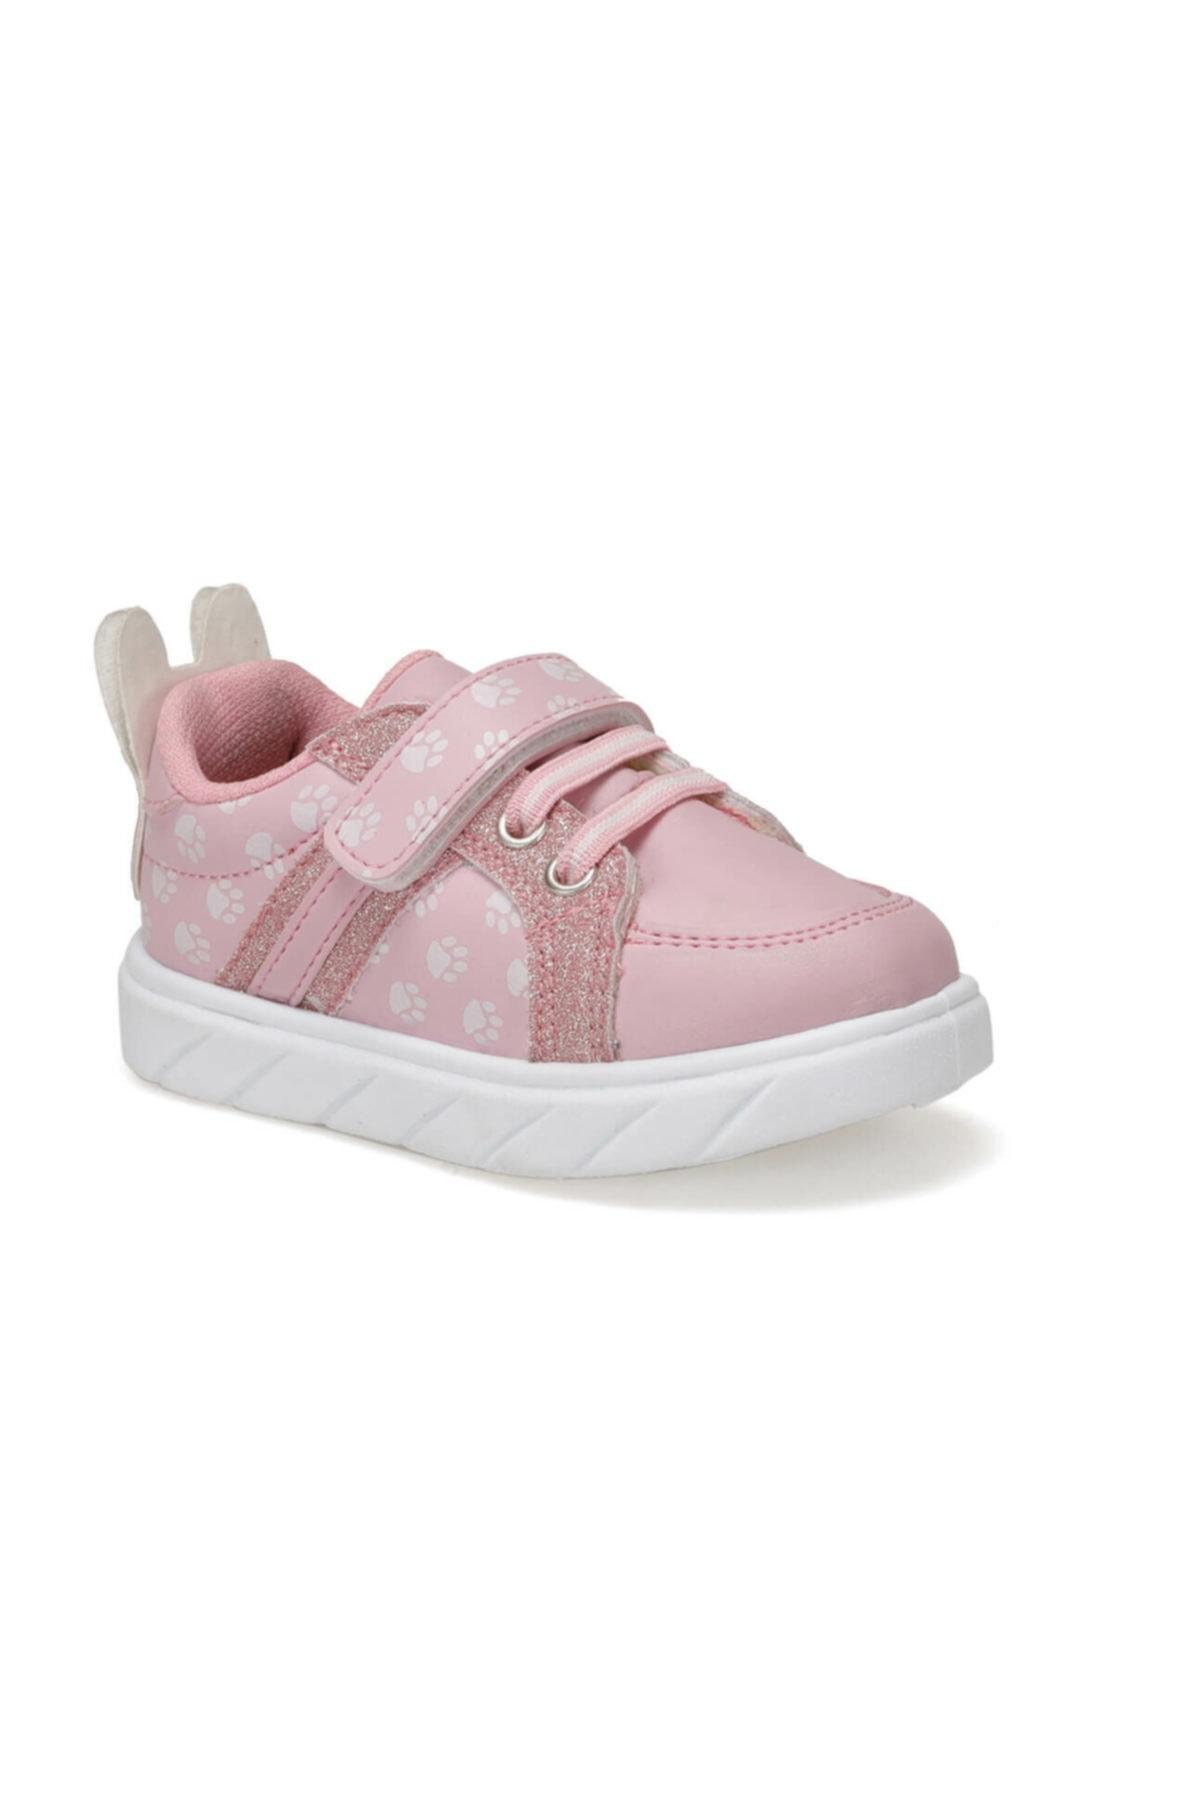 BALLOON-S GATTI Pembe Kız Çocuk Sneaker Ayakkabı 100439384 1